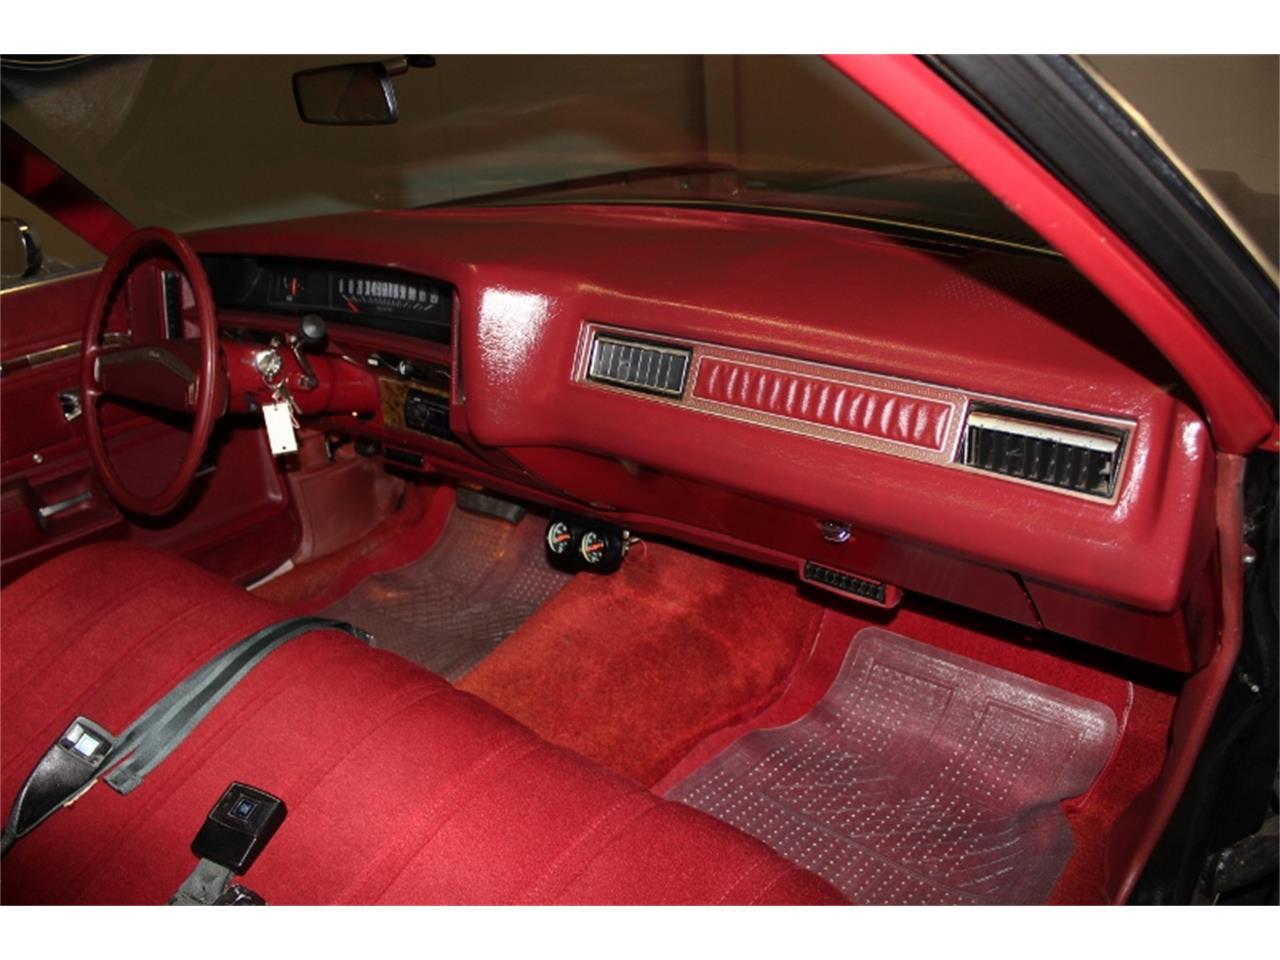 1974 Chevrolet Caprice (CC-926216) for sale in Lillington, North Carolina